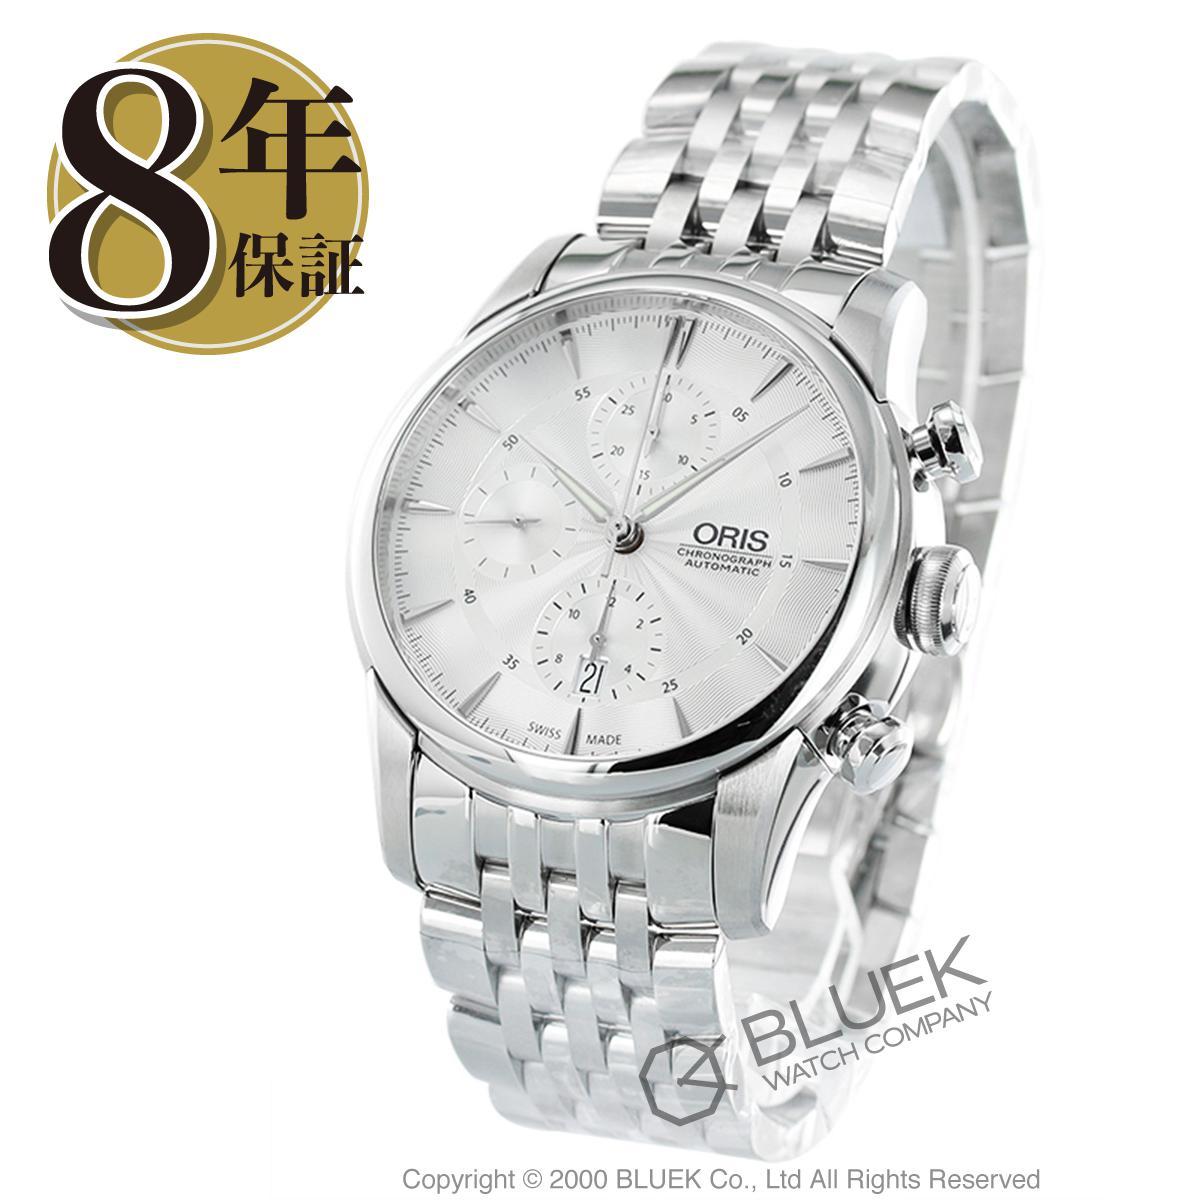 オリス アートリエ クロノグラフ 腕時計 メンズ ORIS 774 7686 4051M_8